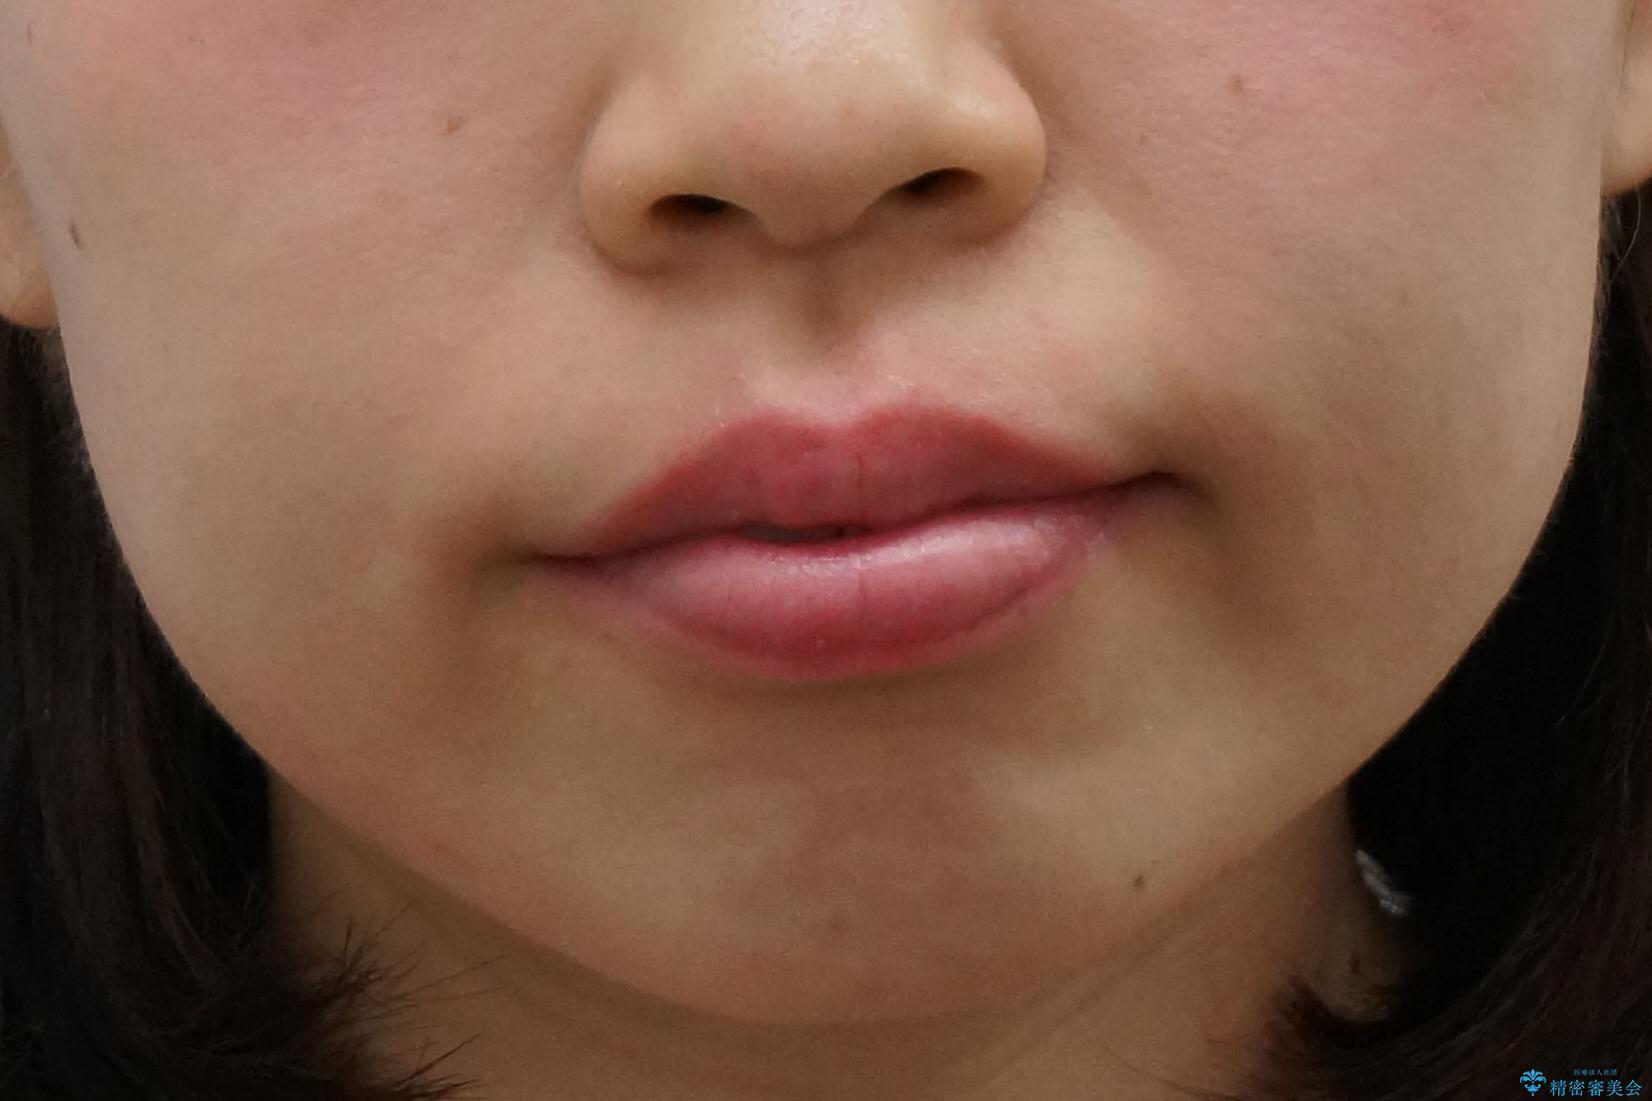 前歯のがたつき インビザラインでの治療前(顔貌)